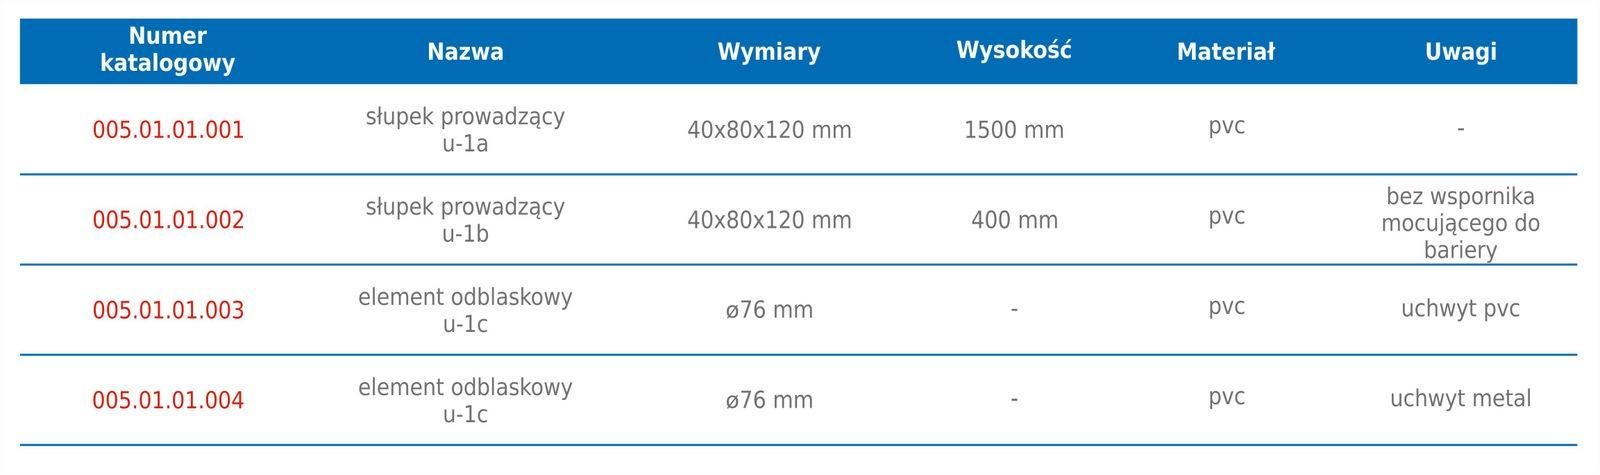 slupek-prowadzacy-u1a-tabela